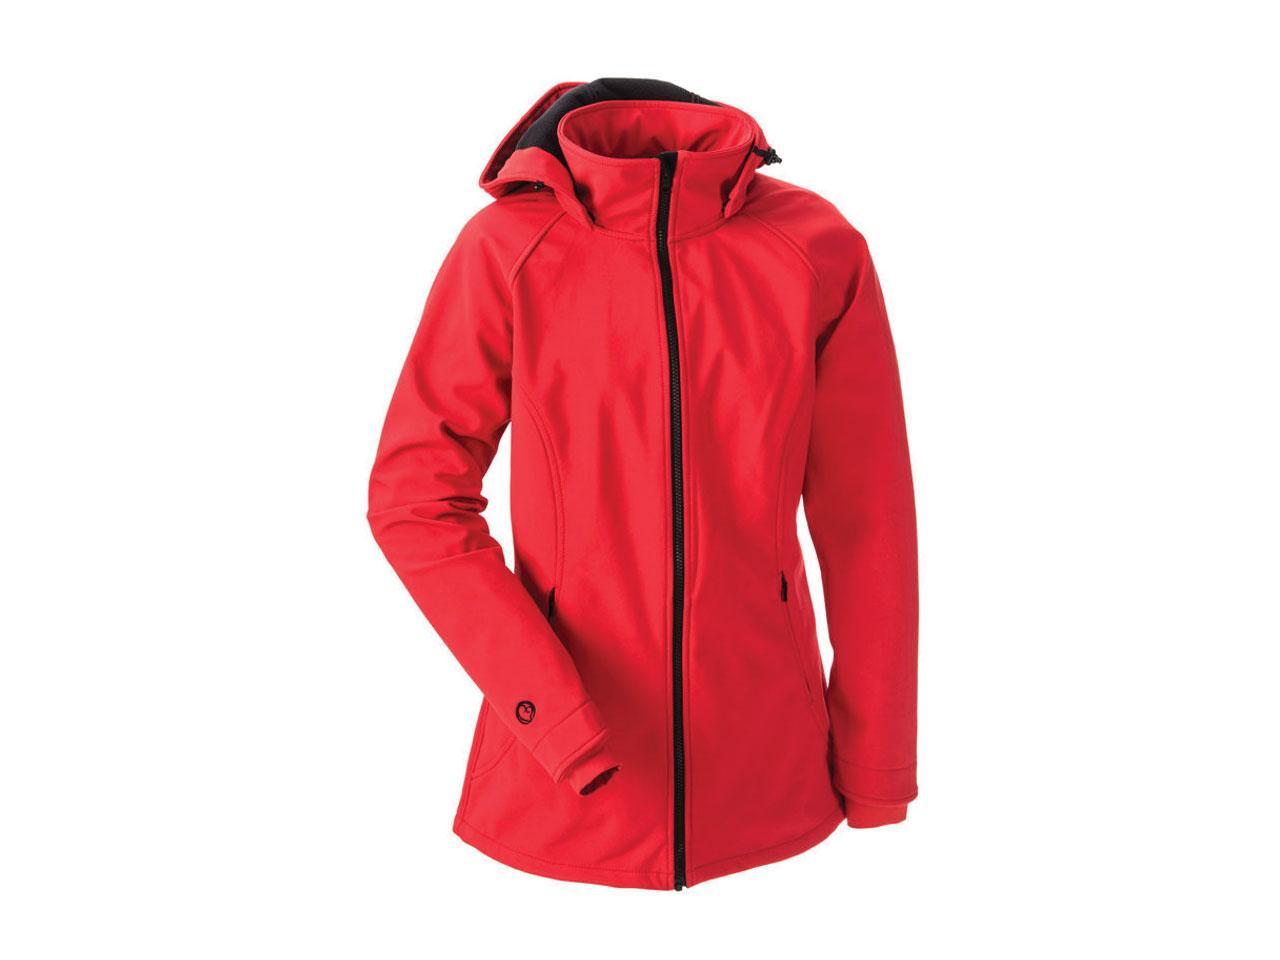 Těhotenská bunda MAMALILA Clickit, červená, velikost S